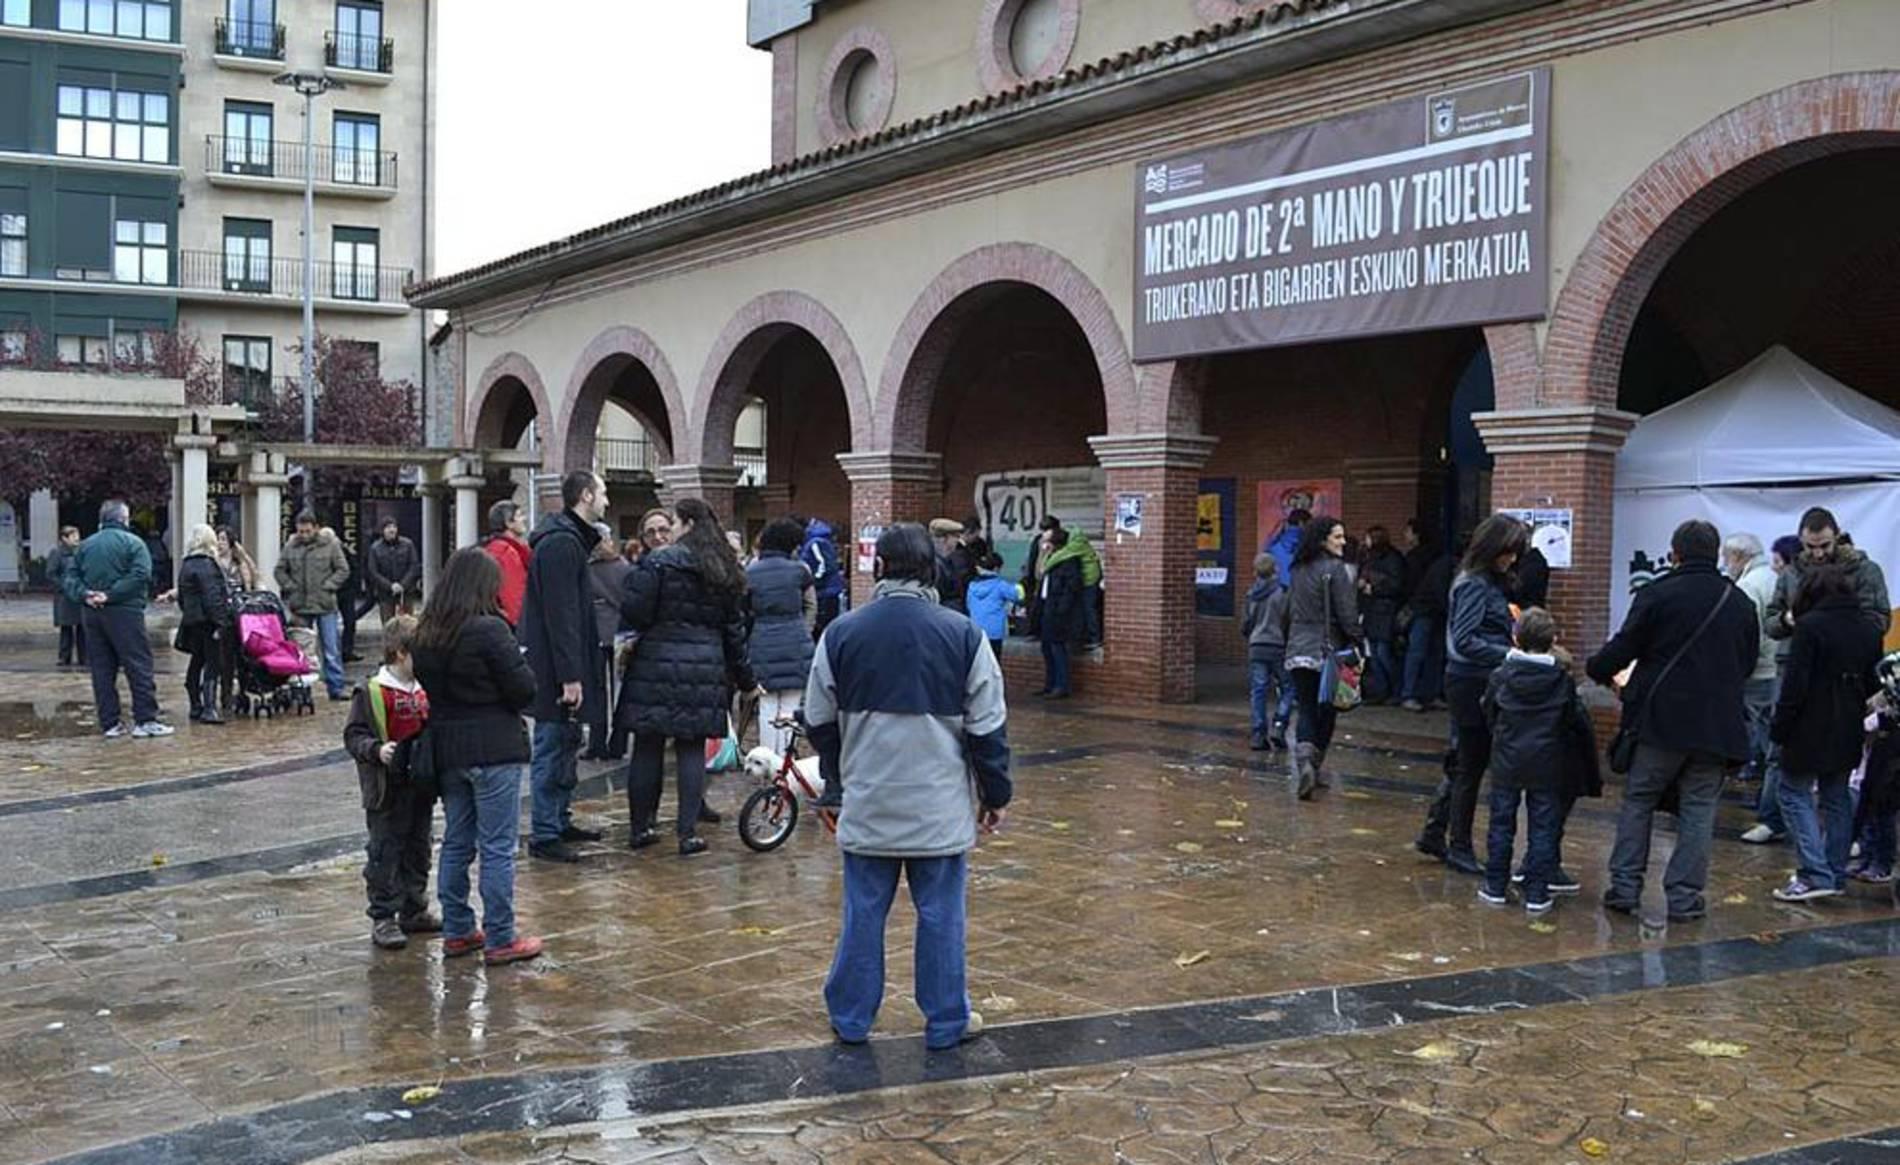 Mercado del trueque y segunda mano en Huarte